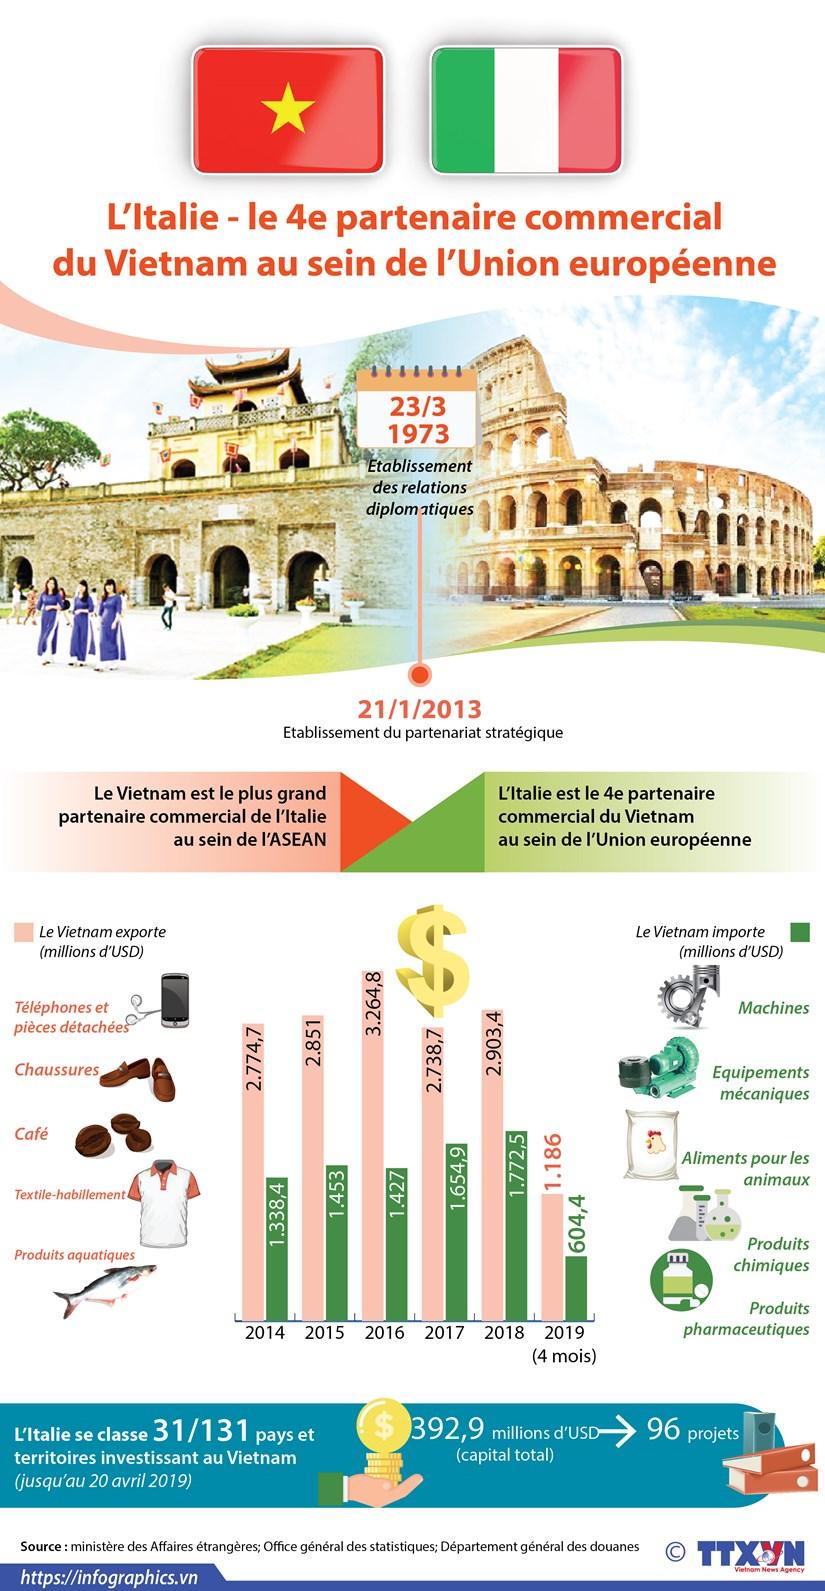 L'Italie - le 4e partenaire commercial du Vietnam au sein de l'Union europeenne hinh anh 1